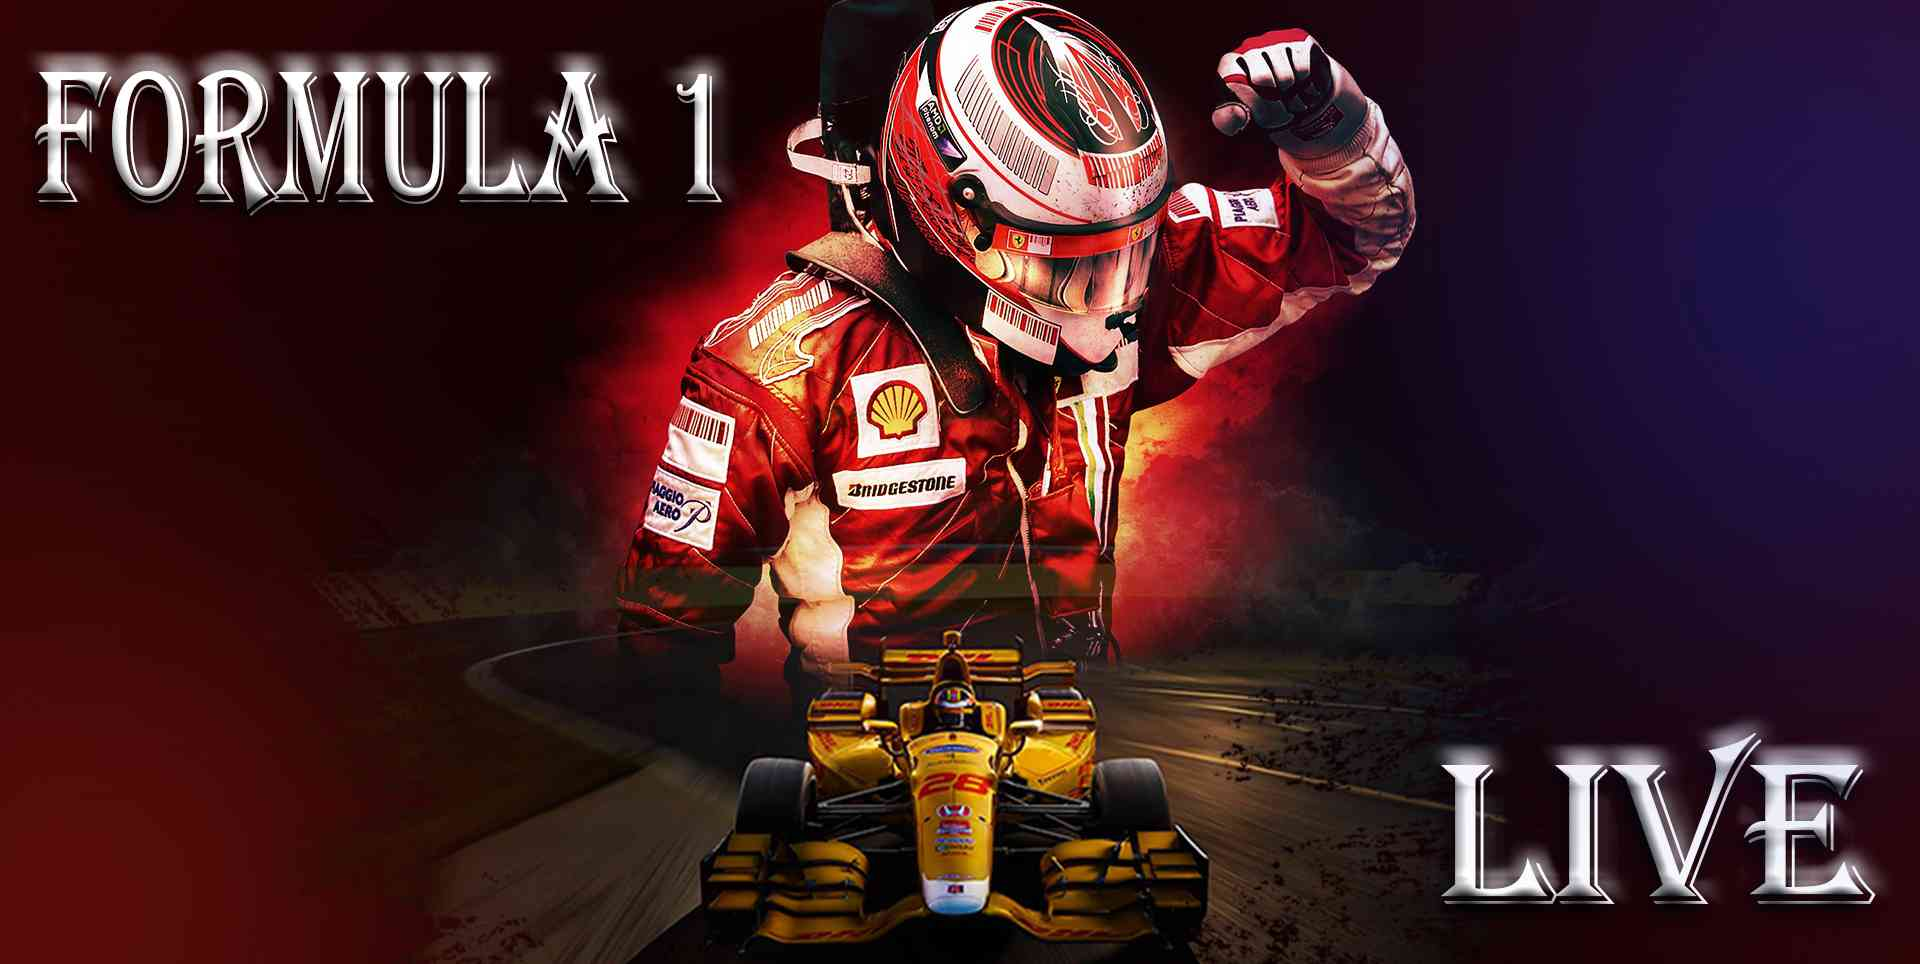 live-f1-gran-premio-d-italia-2014-online